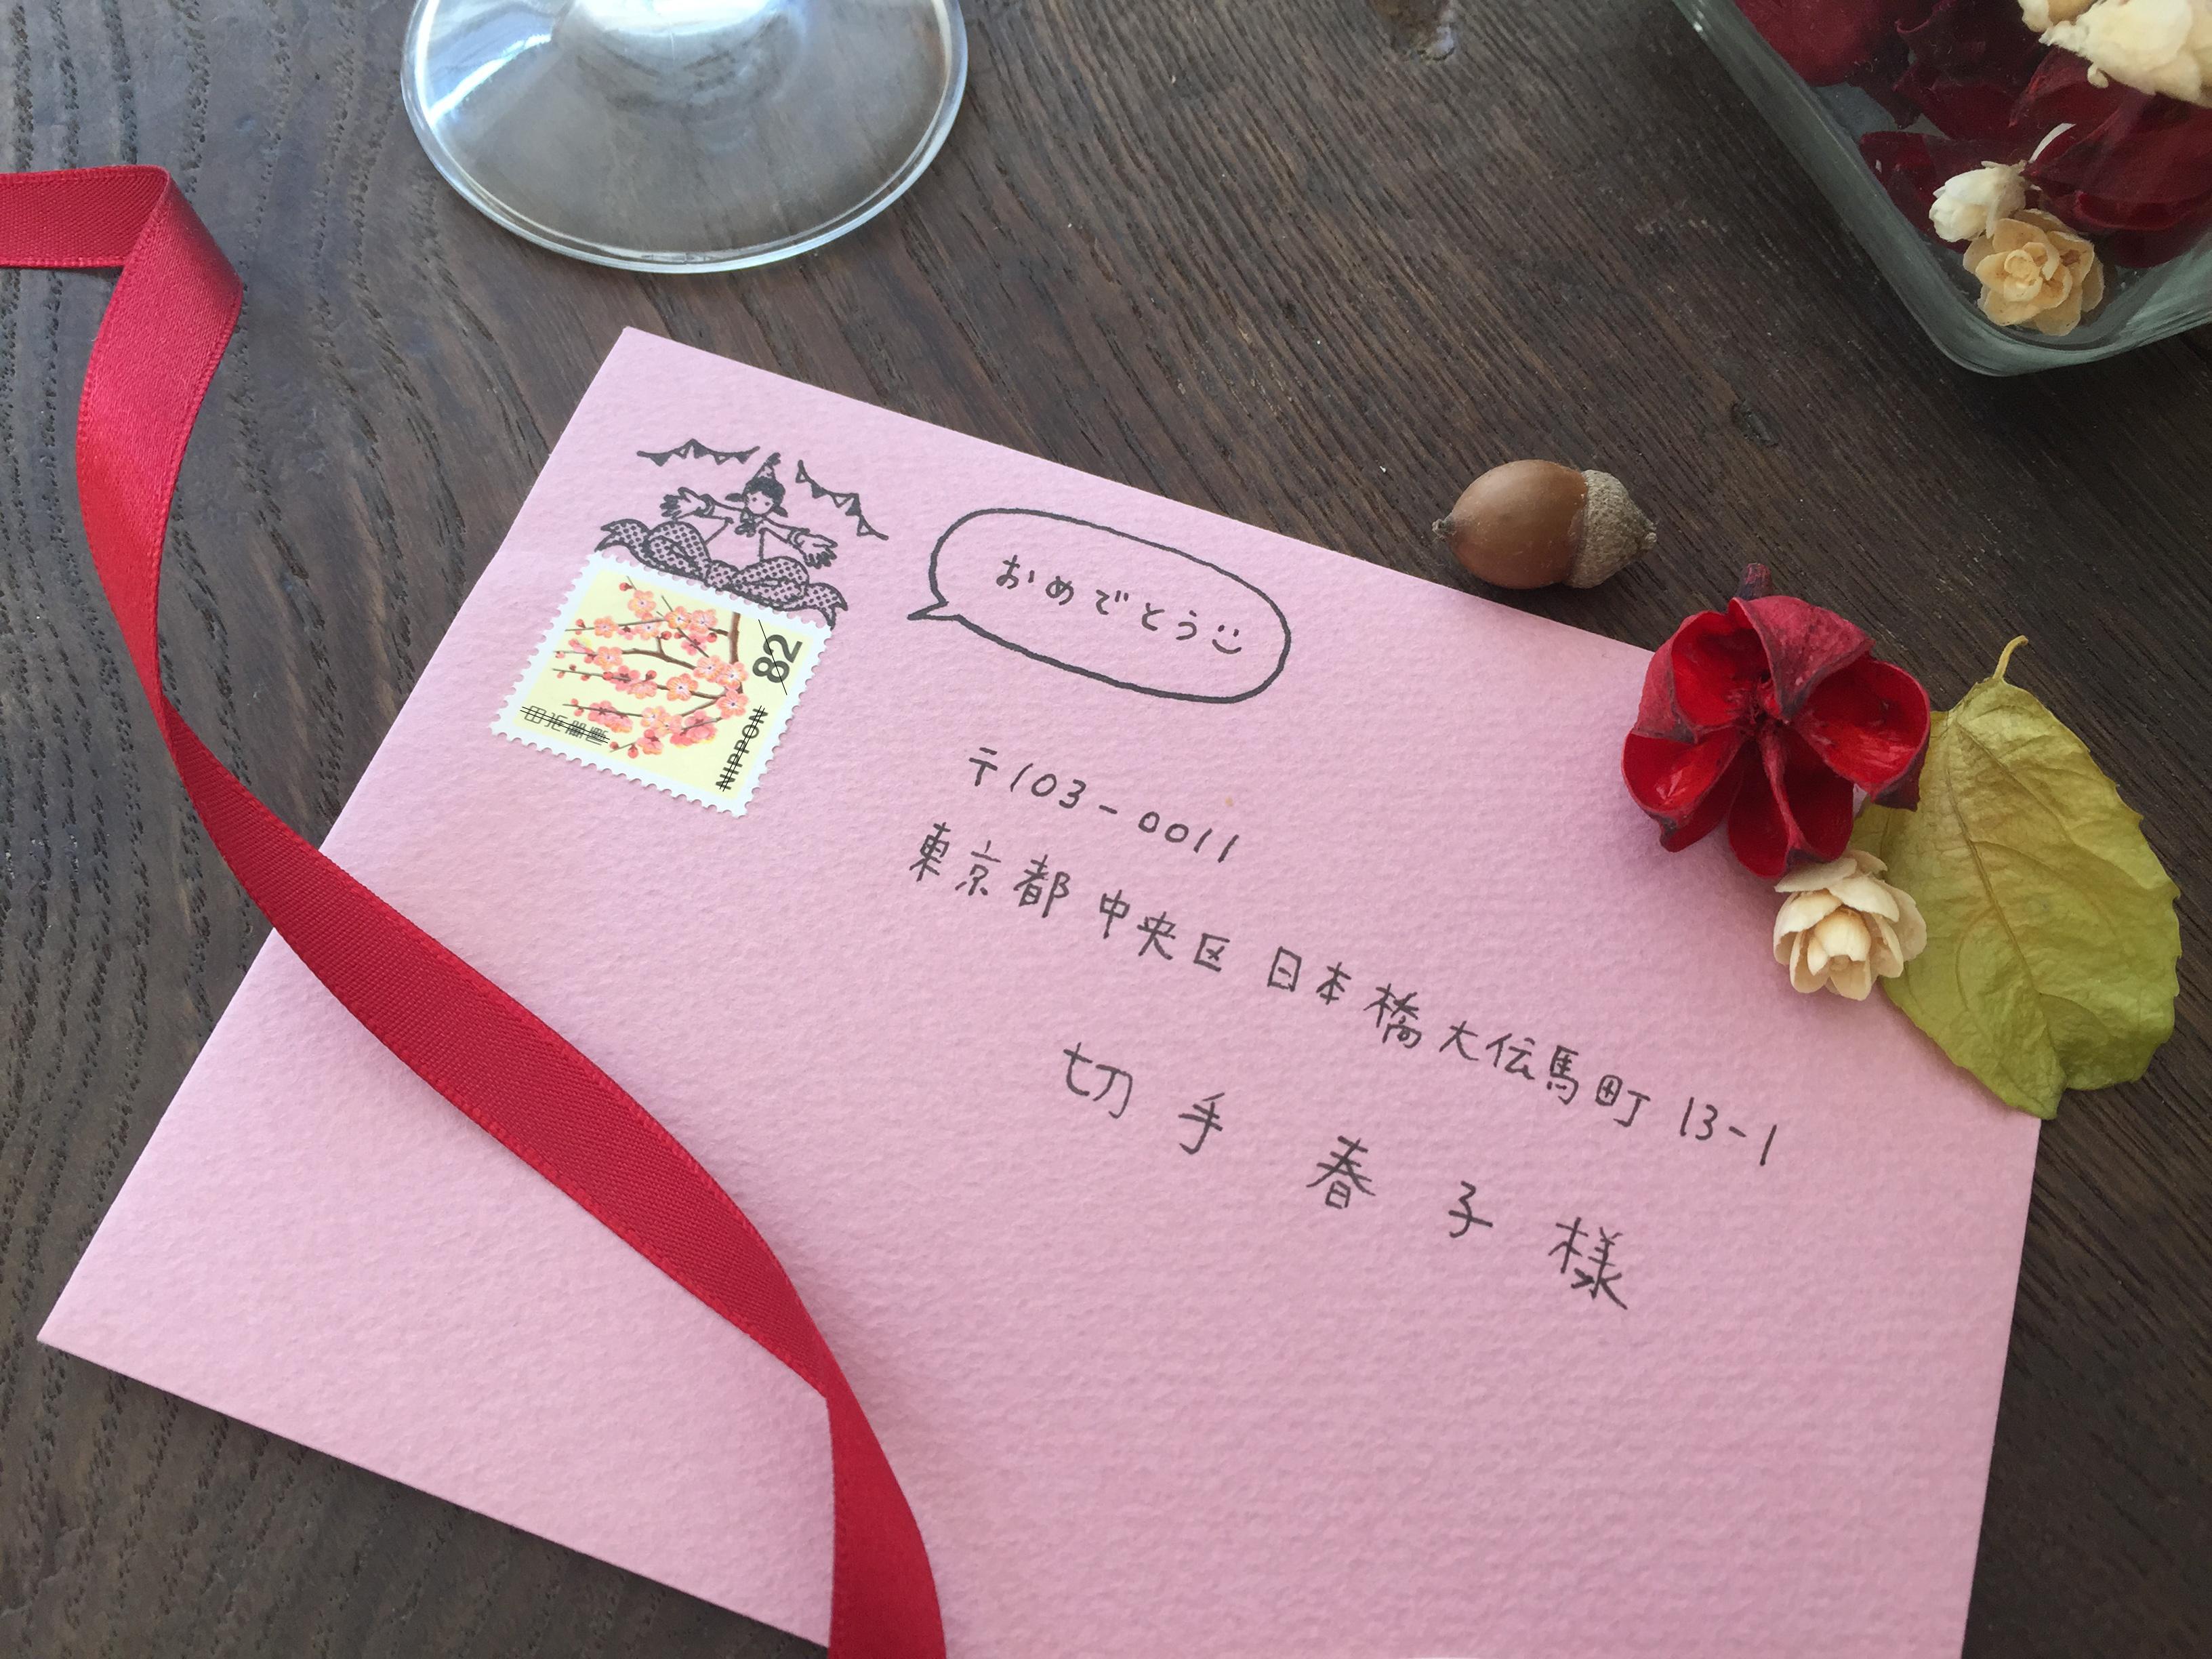 【For you!】 贈り物を手渡すこびと